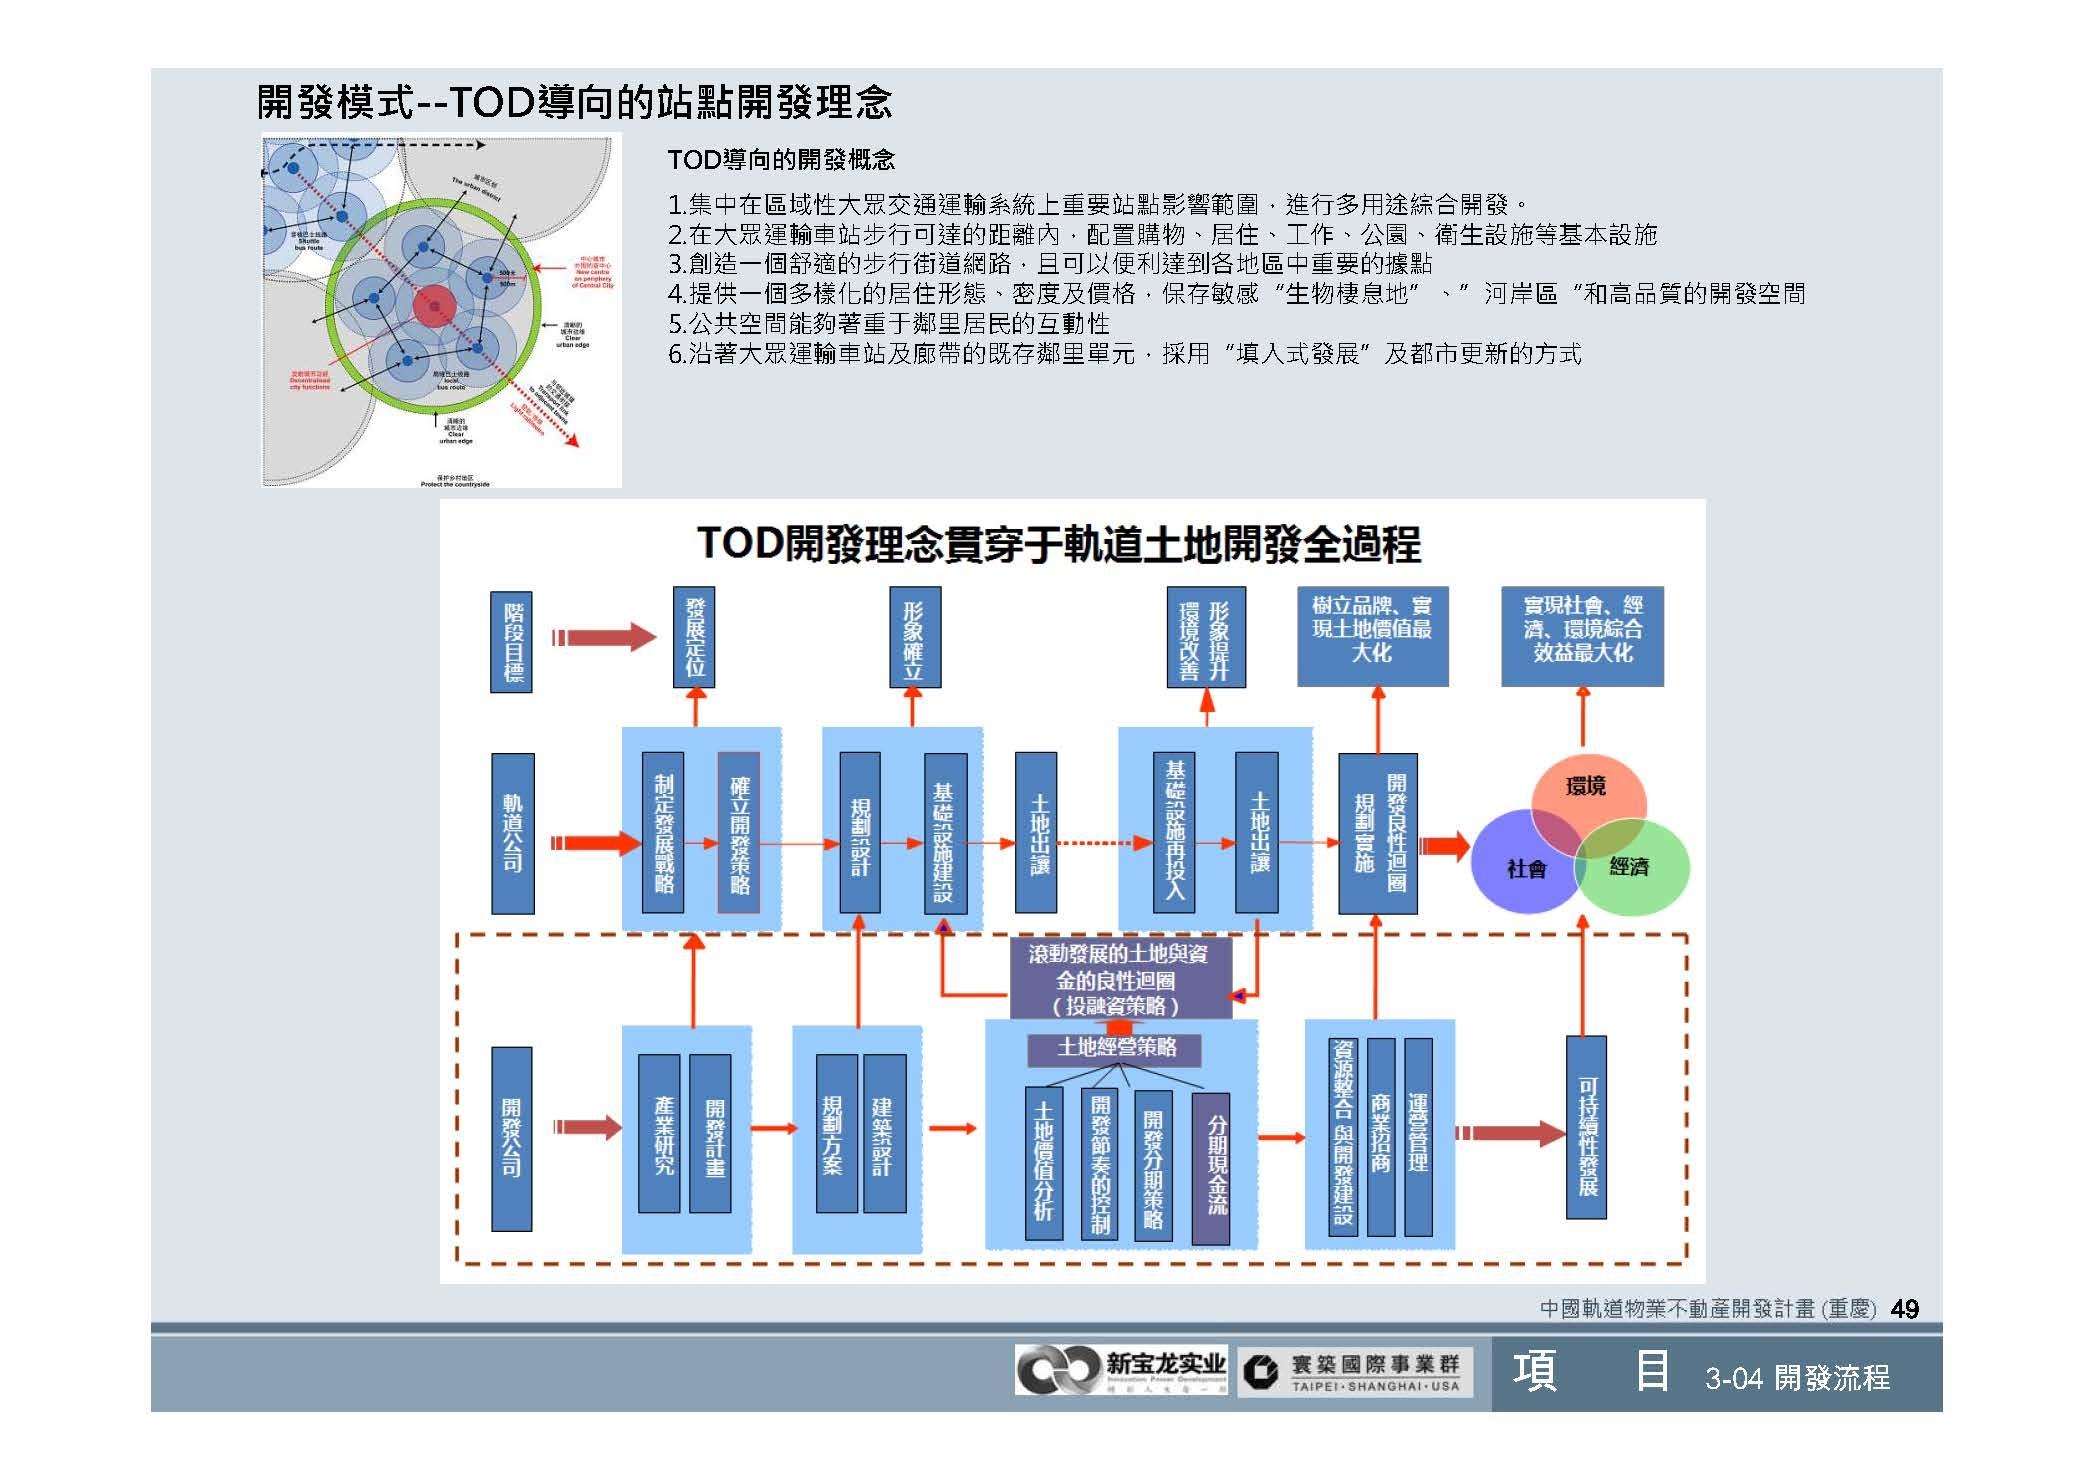 20100812-中國軌道物業不動產開發計畫(重慶)_頁面_50